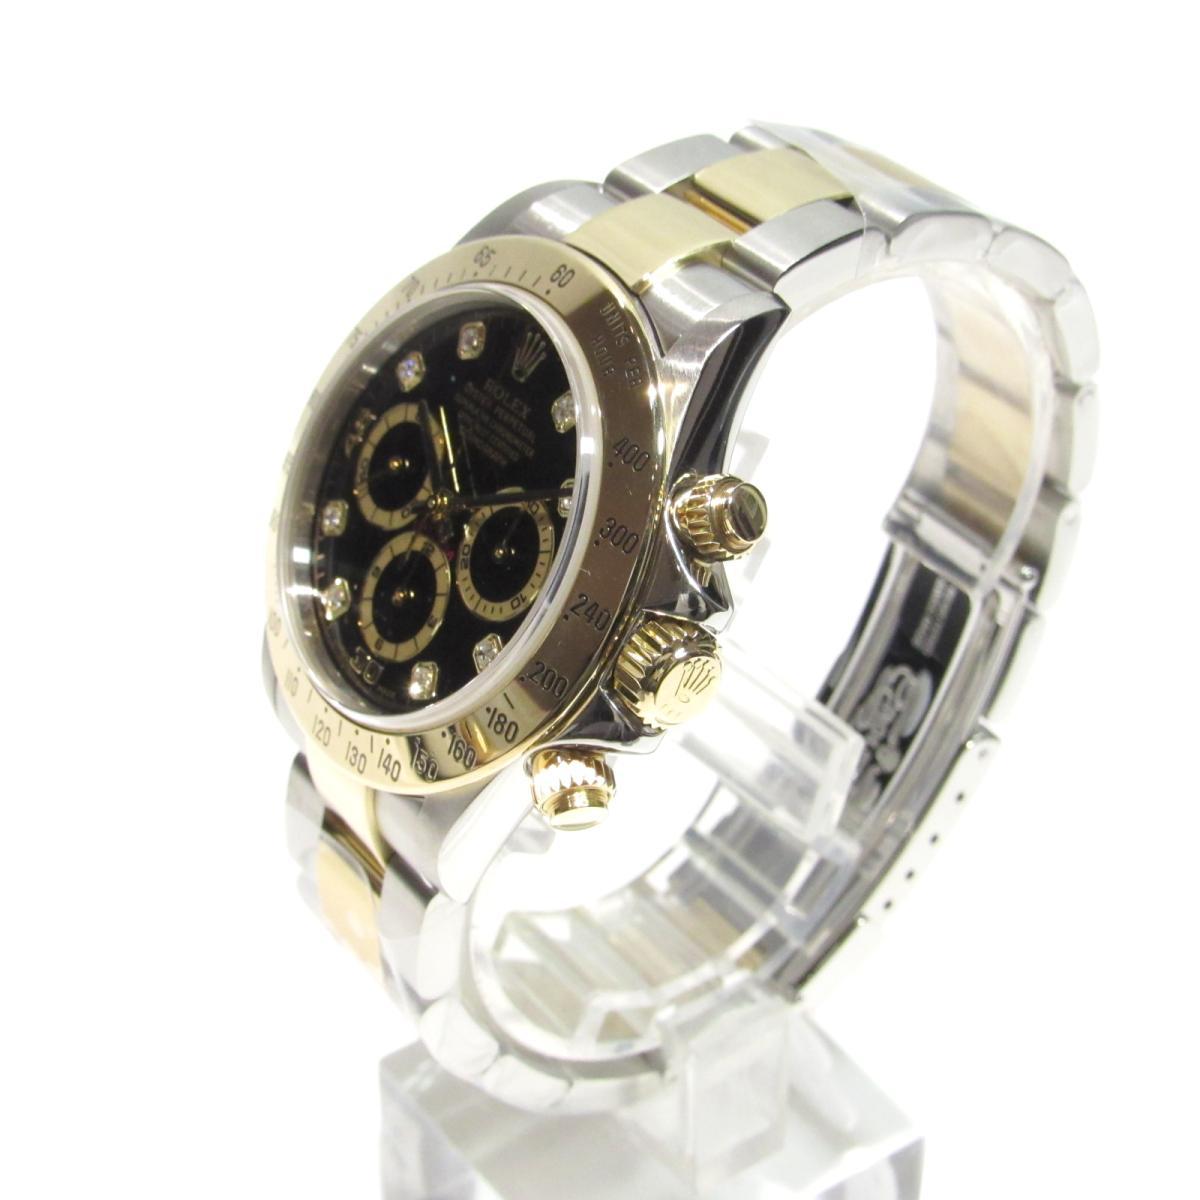 ROLEX 時計 16523G コスモグラフ 8Pダイヤ デイトナ 腕時計/かっこいい/おすすめ